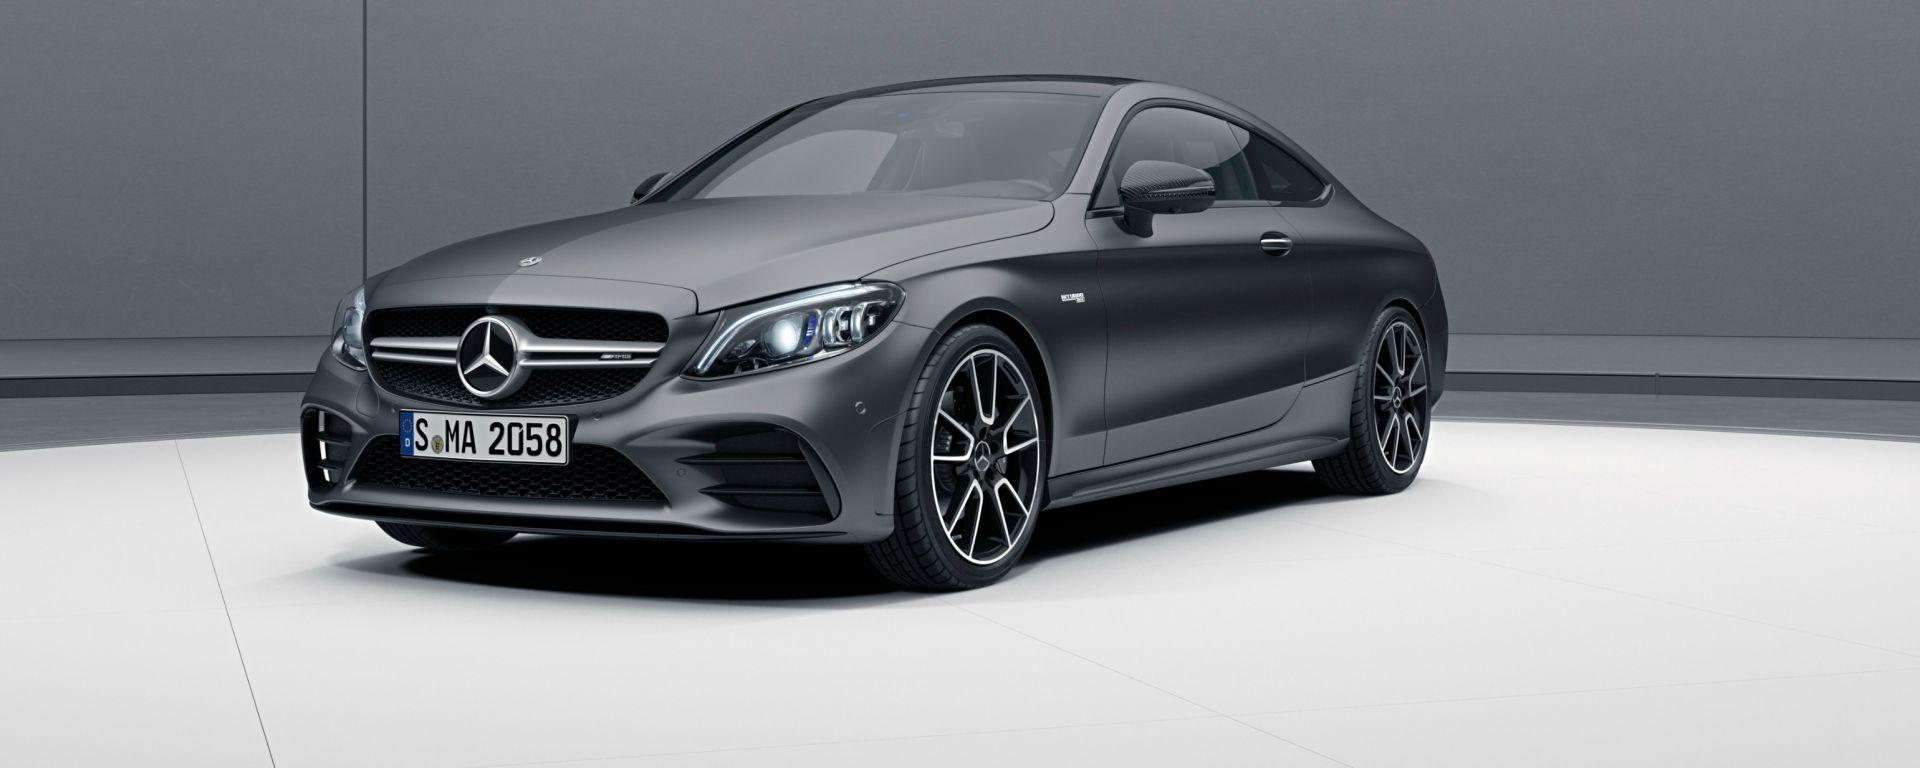 Mercedes-AMG Race Edition: una serie speciale solo per l'italia